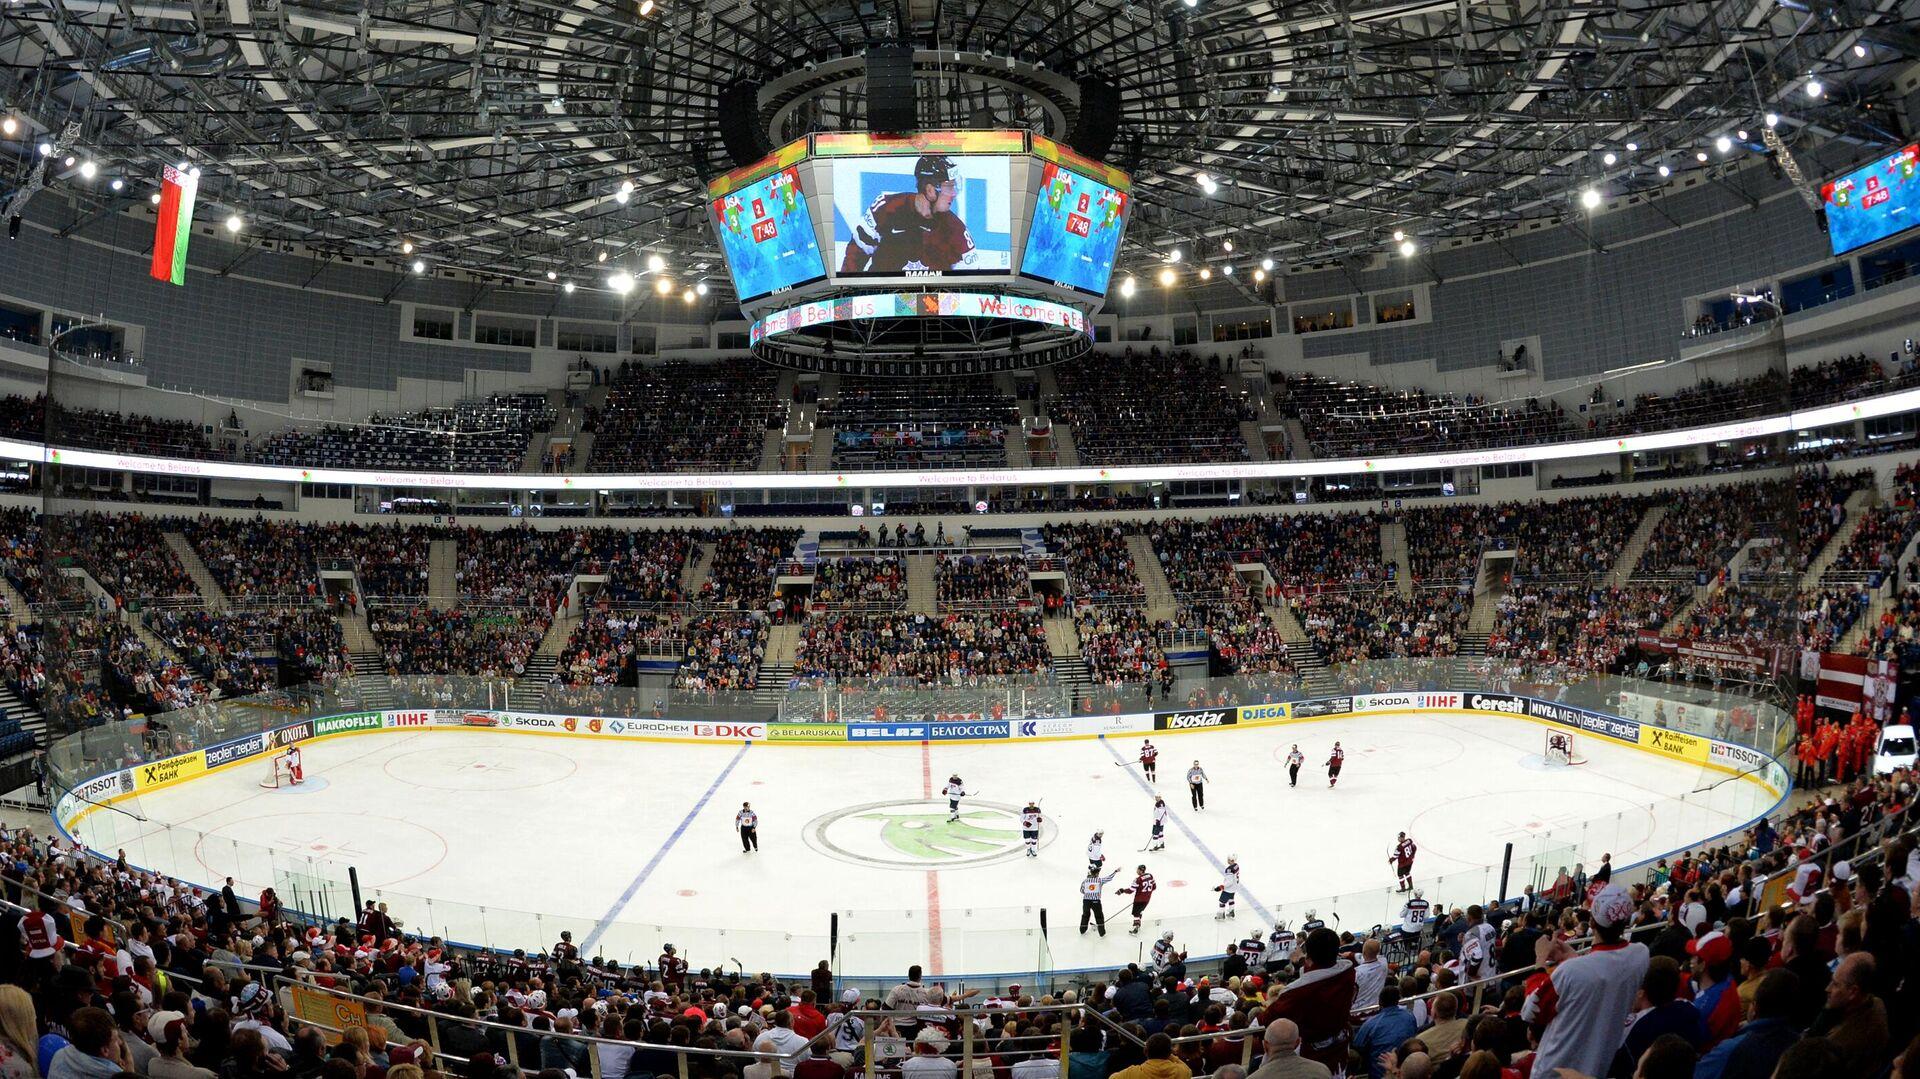 Игроки сборных Латвии и США в матче группового раунда Чемпионата мира по хоккею в Минске - РИА Новости, 1920, 18.01.2021